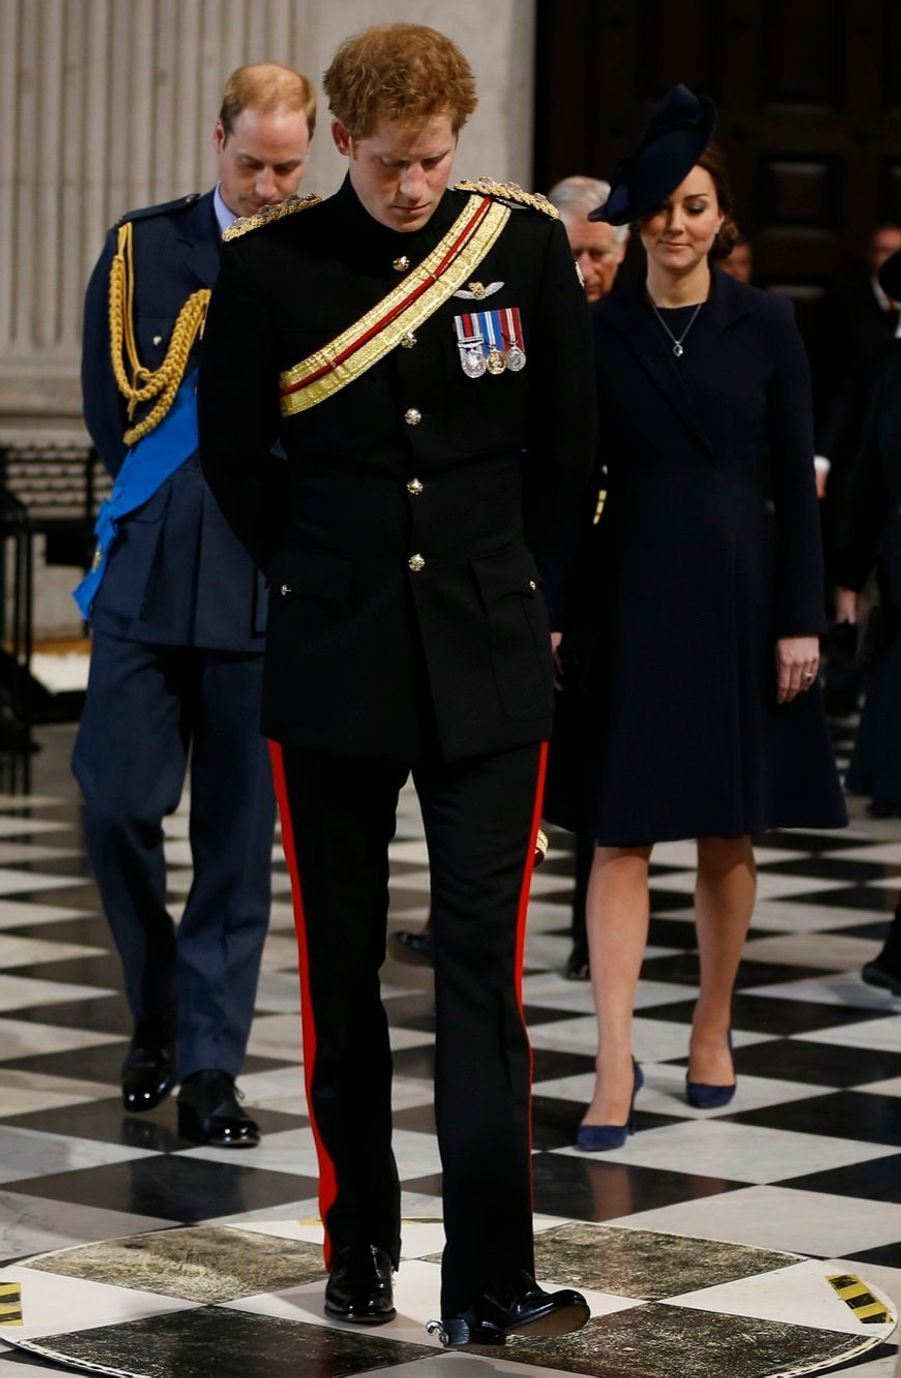 La famille royale réunie pour les morts d'Afghanistan